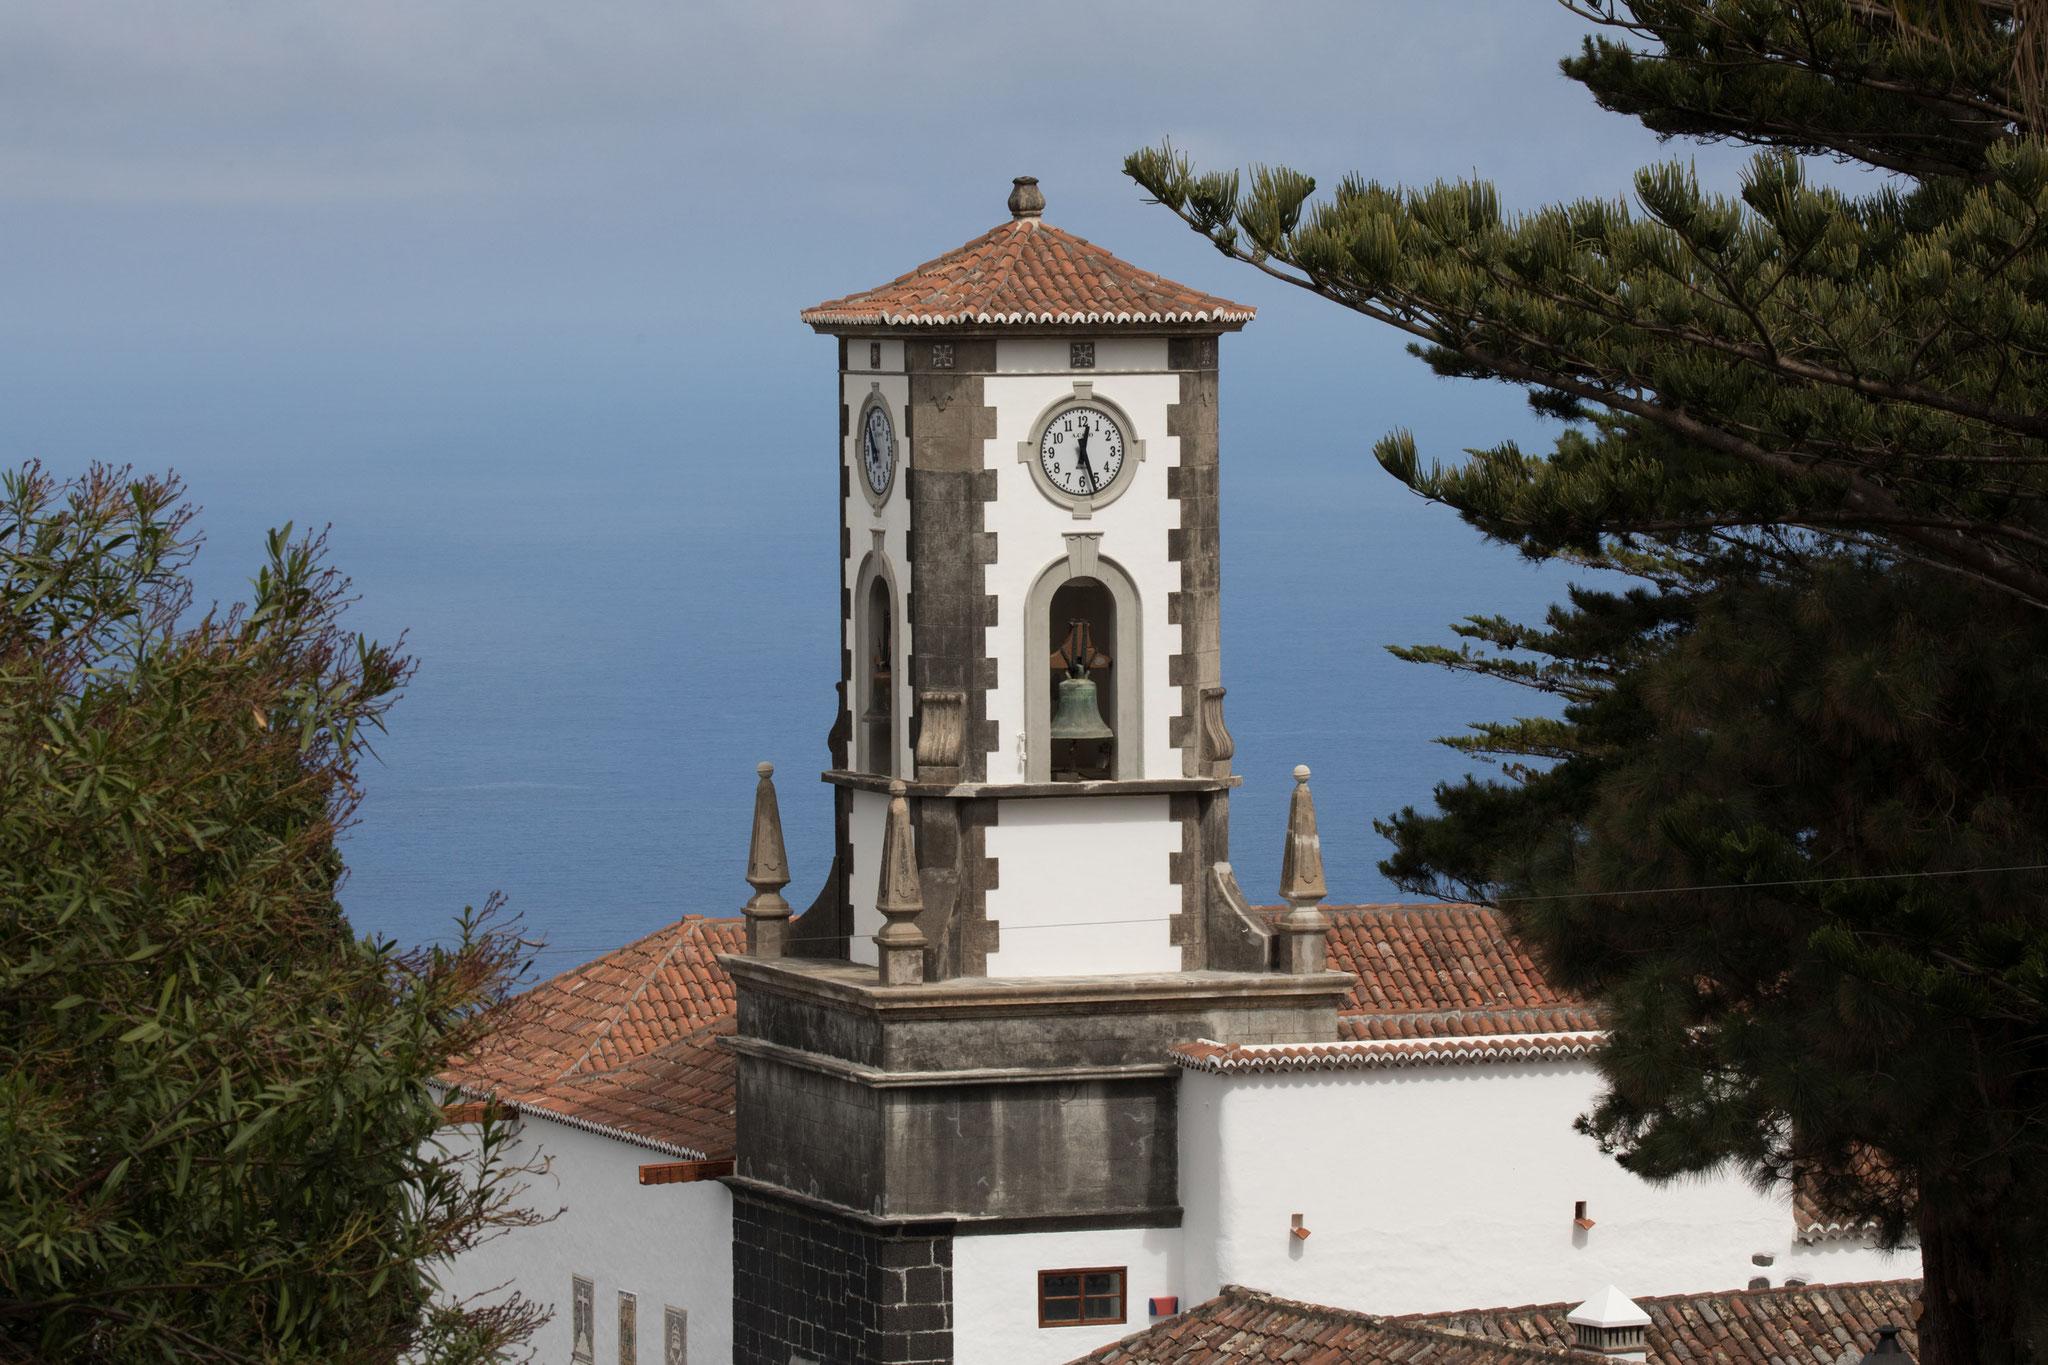 Villa de Mazo - Iglesia San Blas